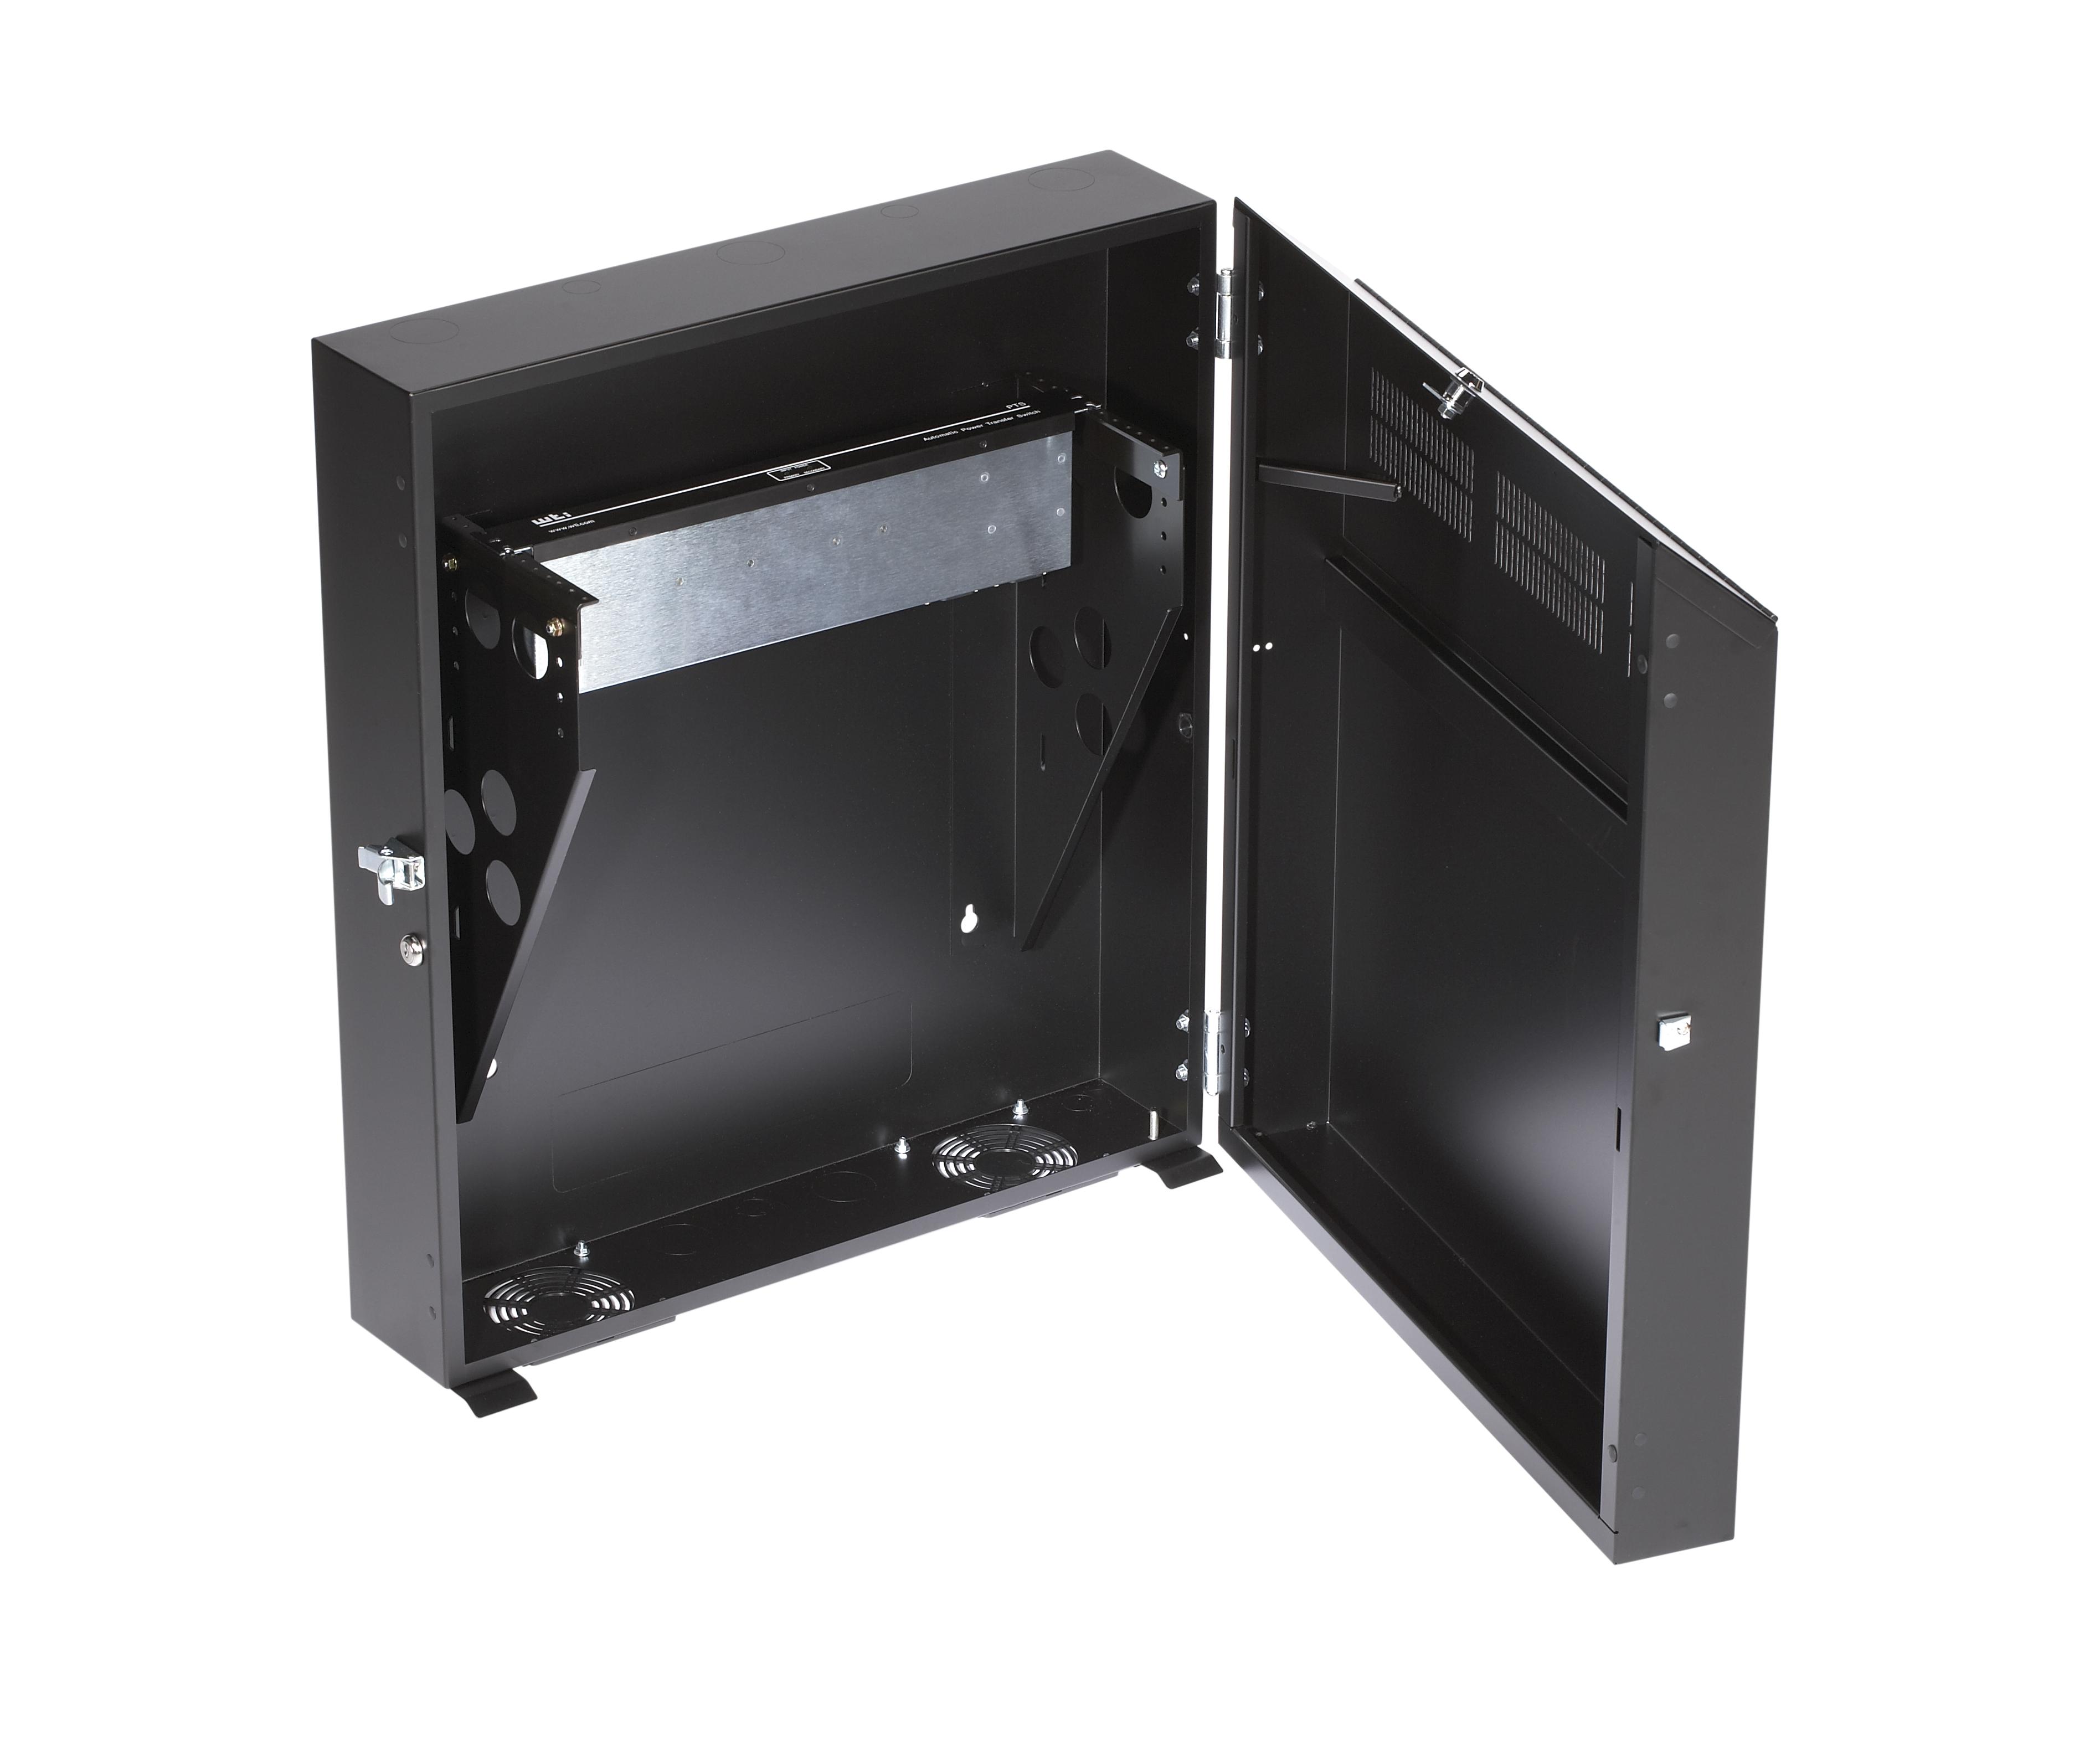 8u Wall Mount Cabinet 4u Wallmount Cabinet 2643w X 23d 10 32 Tapped Rails 150lbs